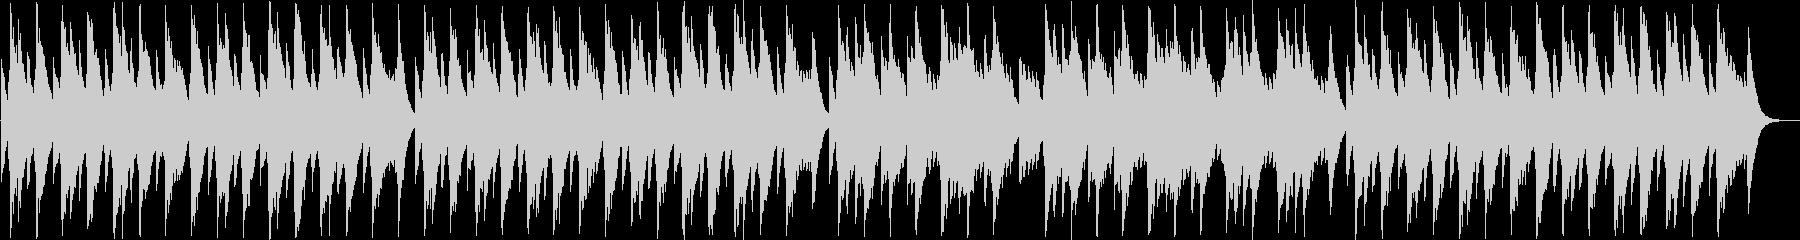 花の歌/ランゲ(オルゴール)の未再生の波形